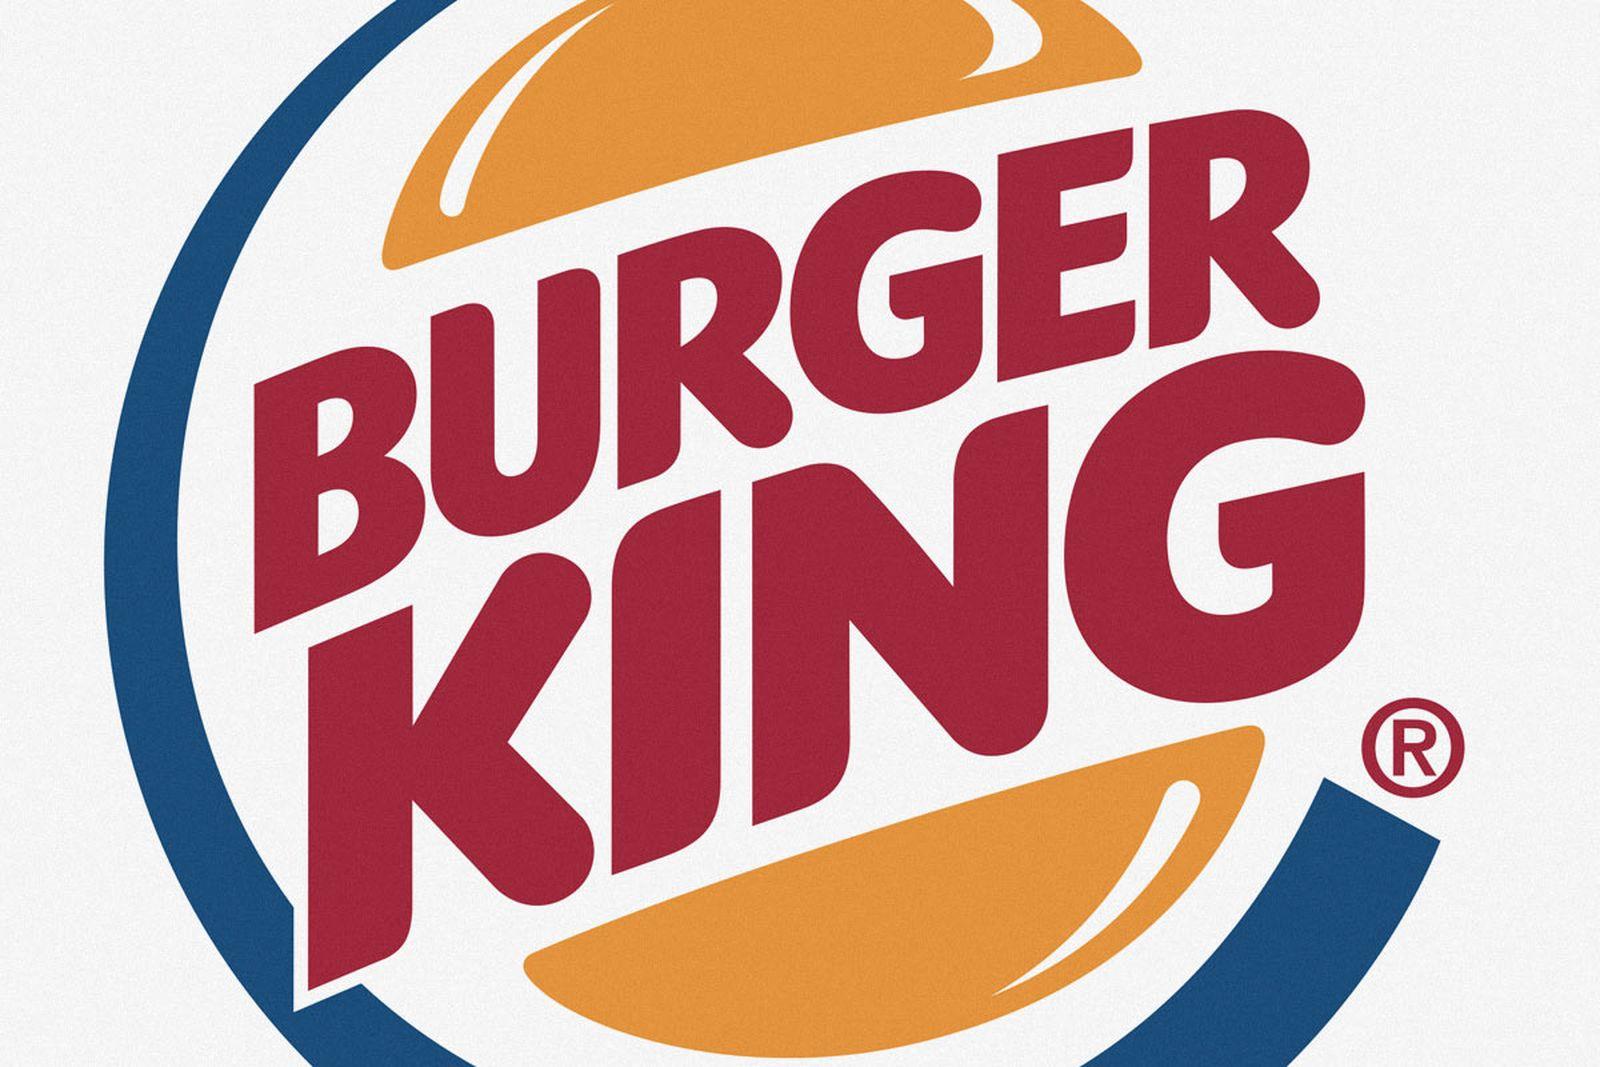 burger-king-main